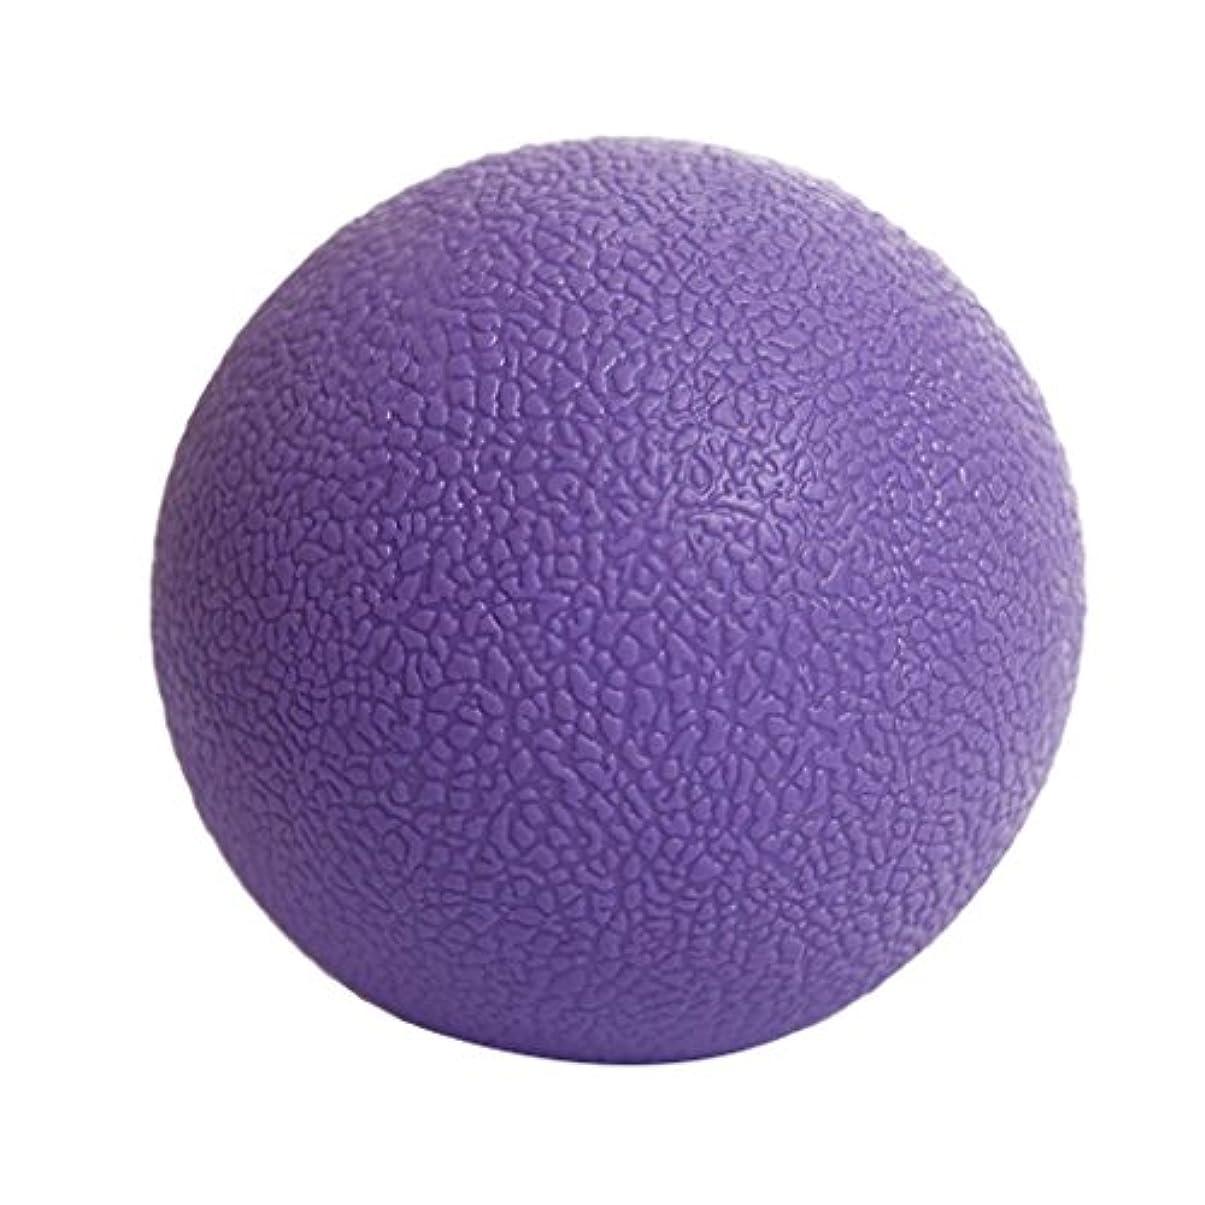 絶望年フェンスKesoto マッサージボール ジムフィットネス 筋肉マッサージ ボール トリガーポイント 4色選べる - 紫